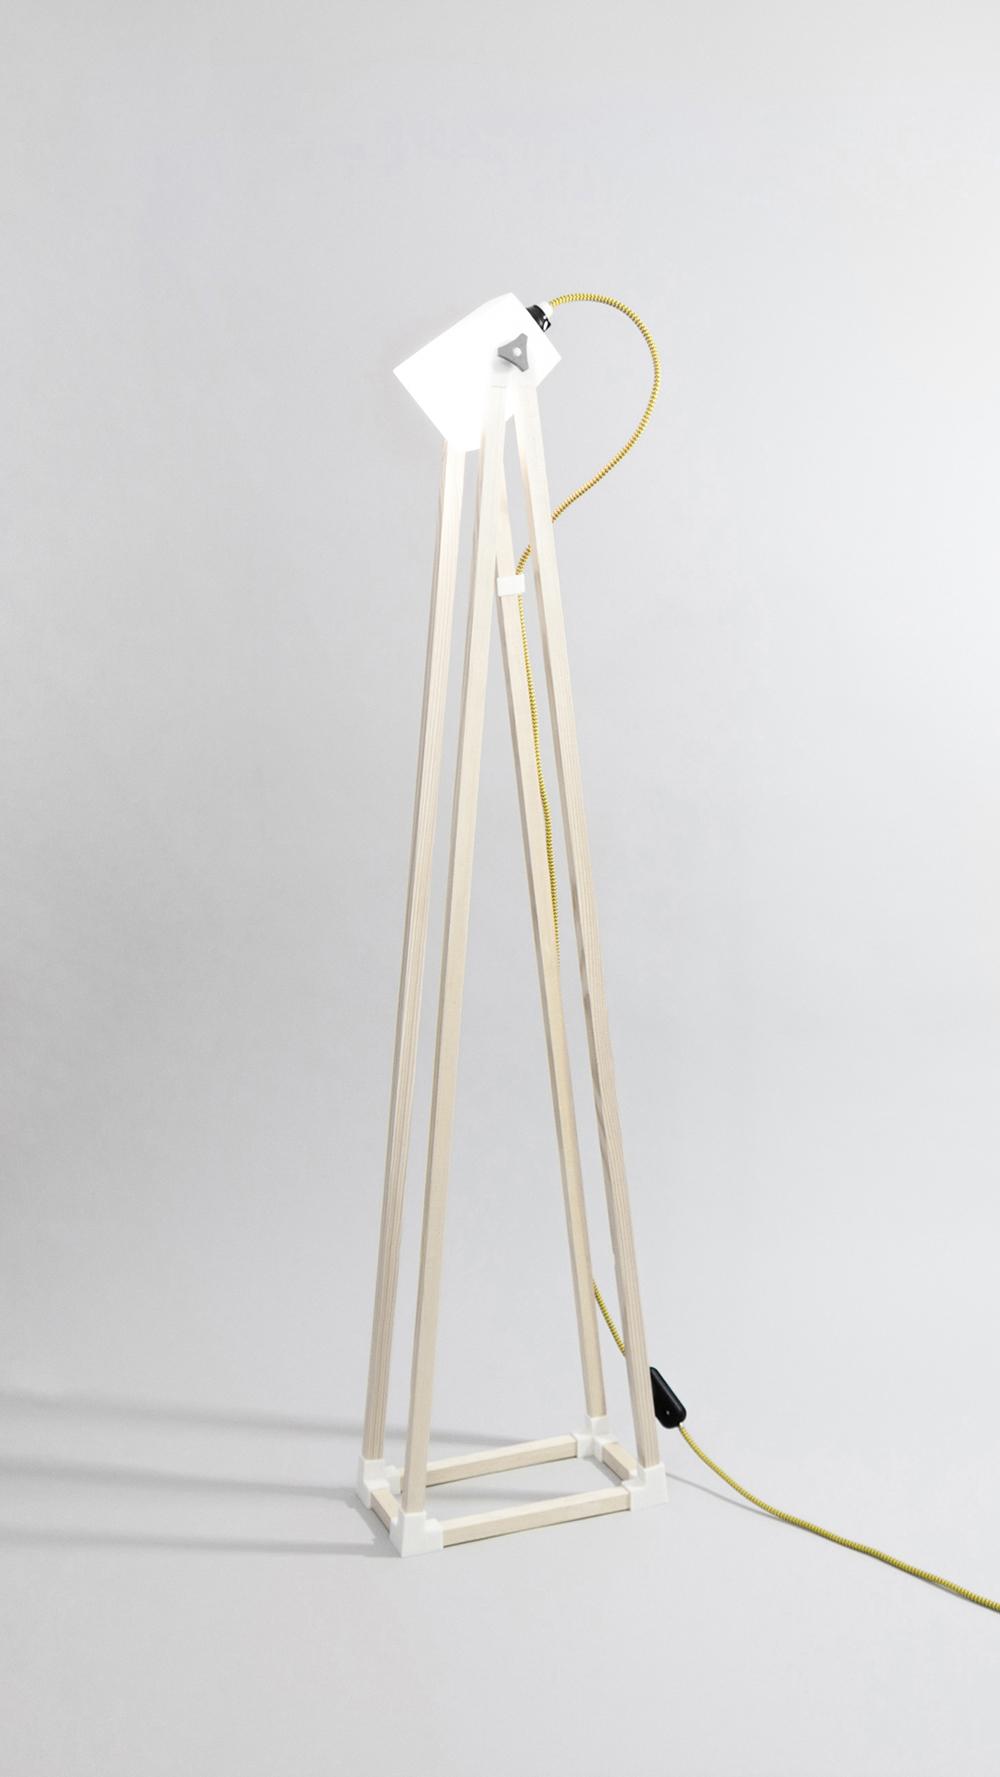 SMF01-light-hisheji (6)